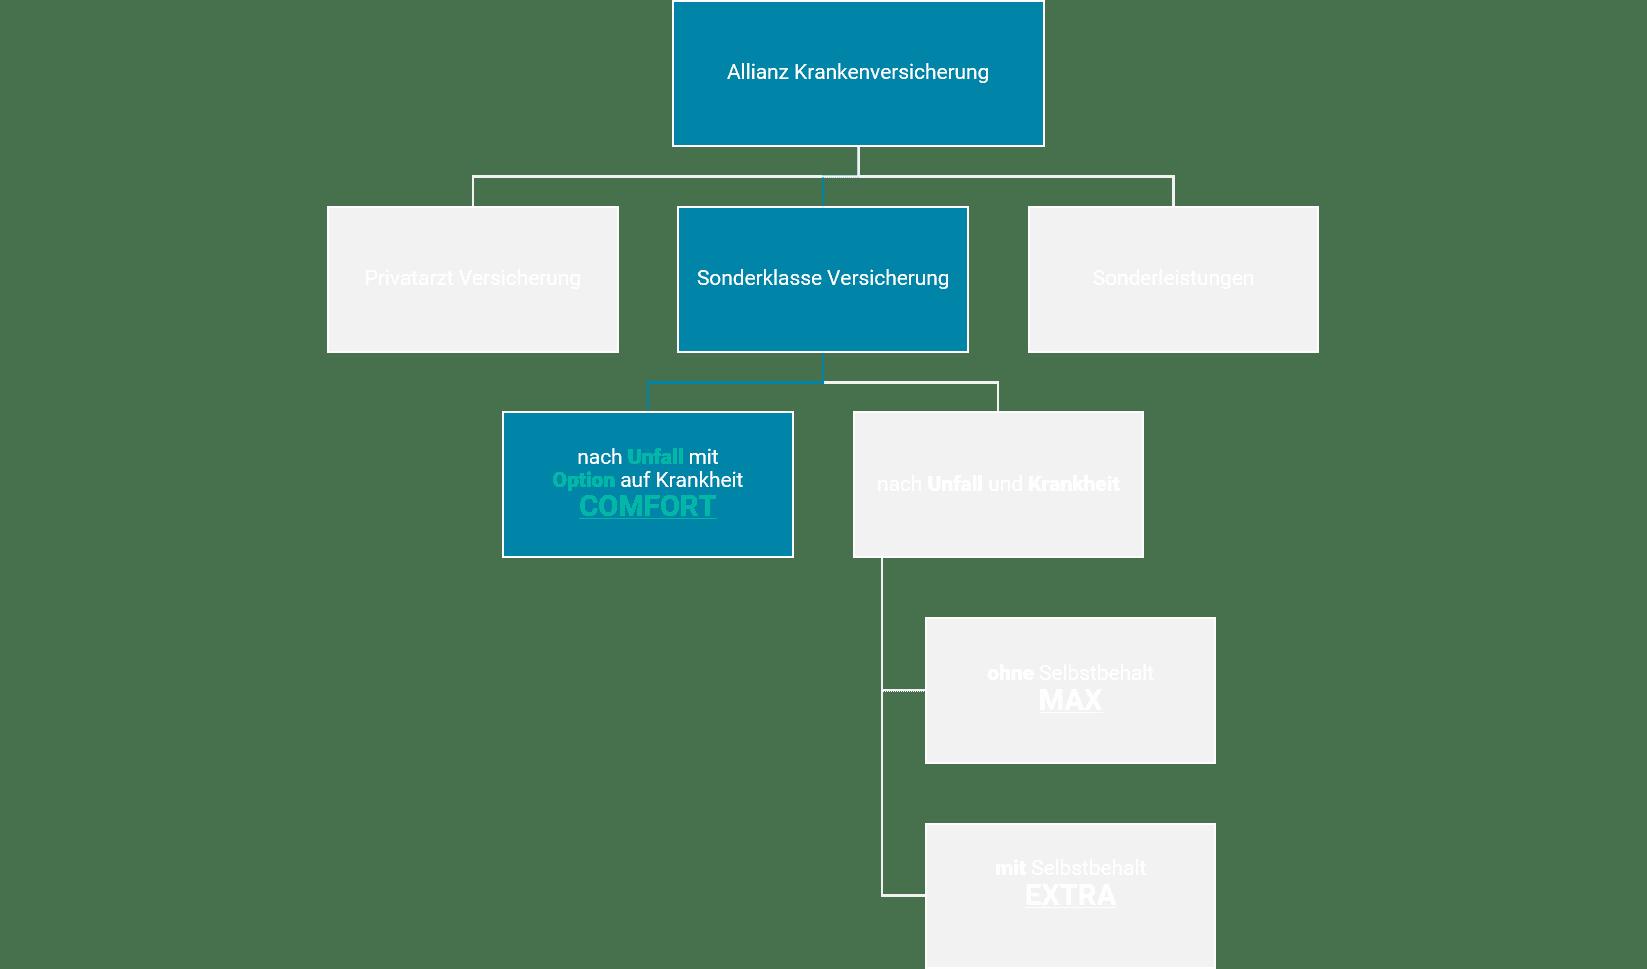 Allianz Krankenversicherung Sonderklasse nach Unfall mit Option auf Krankheit